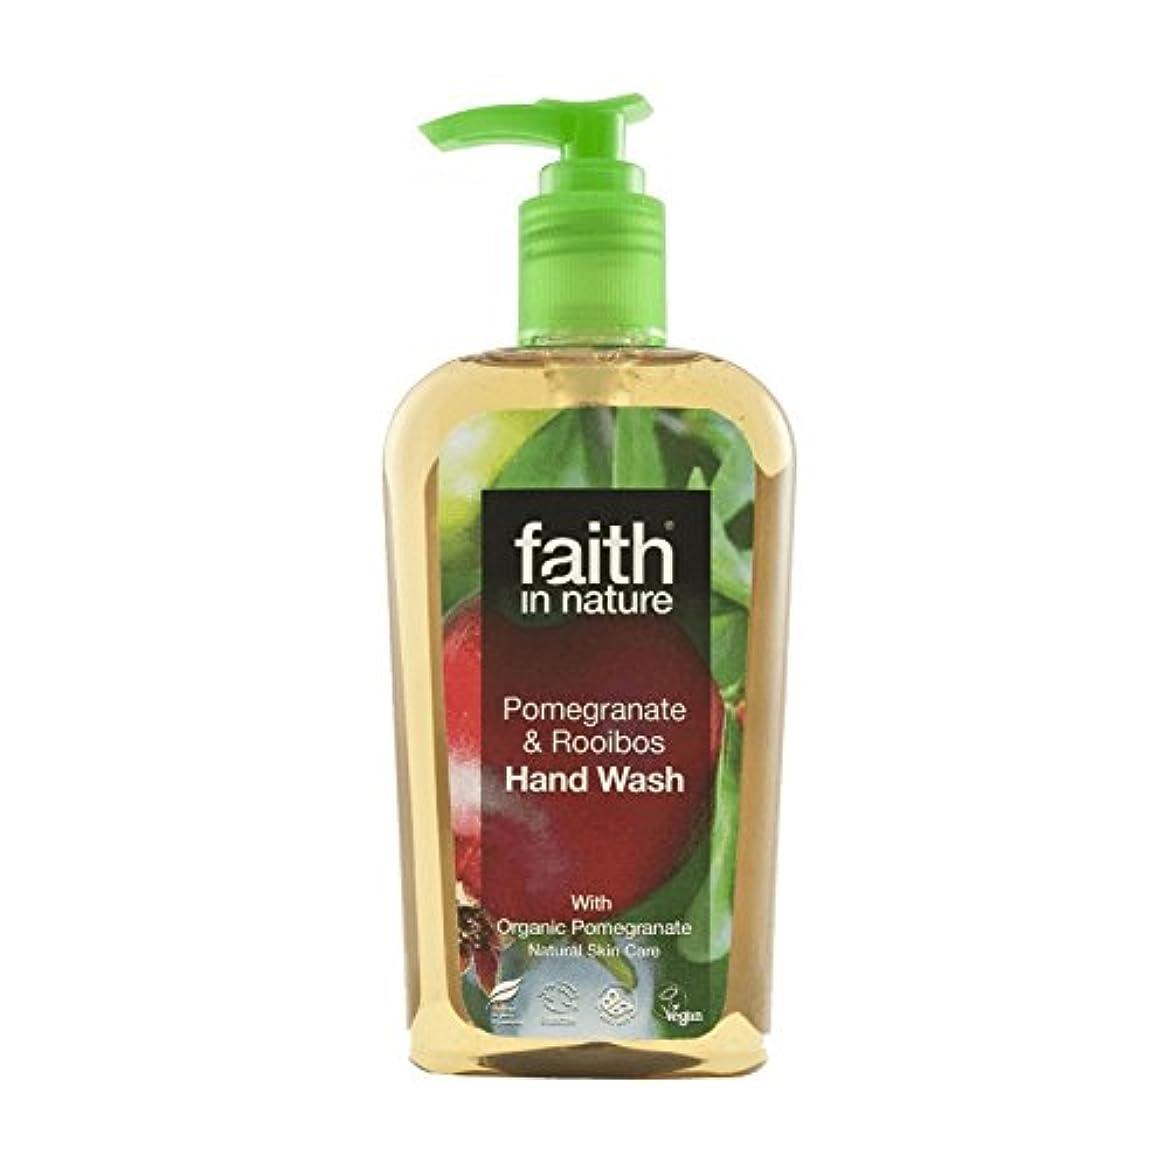 着飾るデンマーク語スイ自然ザクロ&ルイボス手洗いの300ミリリットルの信仰 - Faith In Nature Pomegranate & Rooibos Handwash 300ml (Faith in Nature) [並行輸入品]